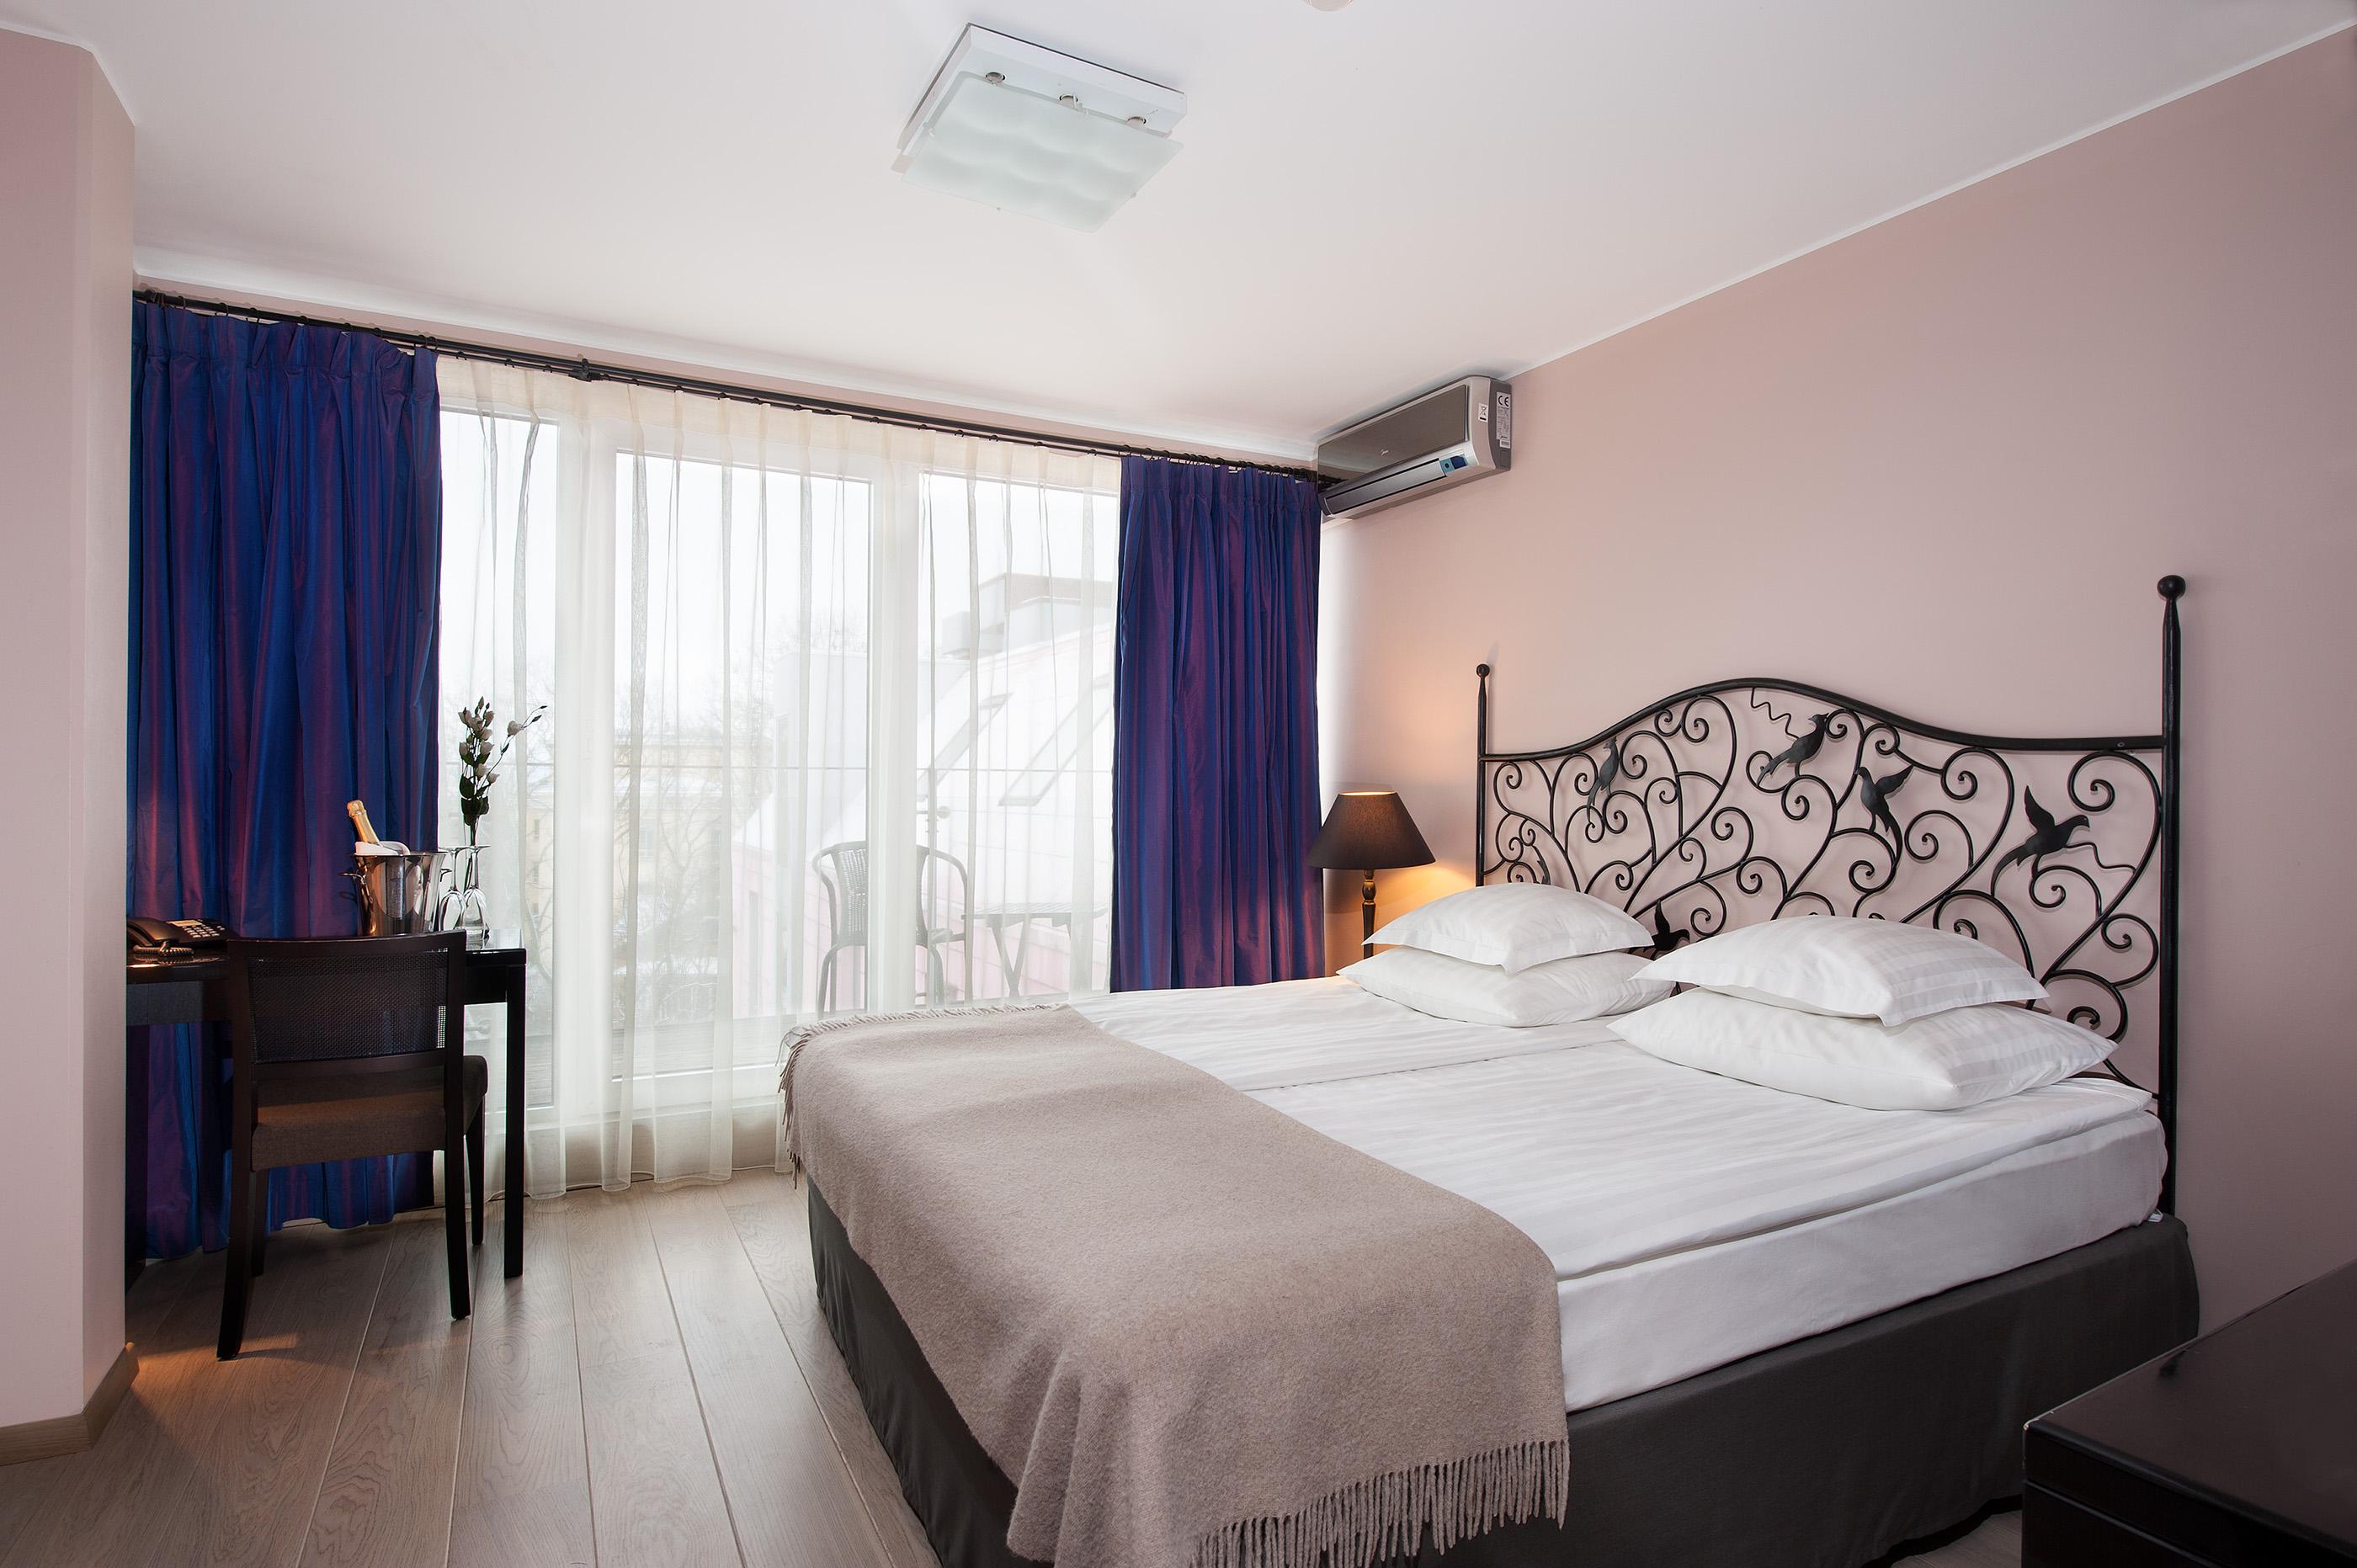 Дизайн спальни 18 кв м с кованой мебелью